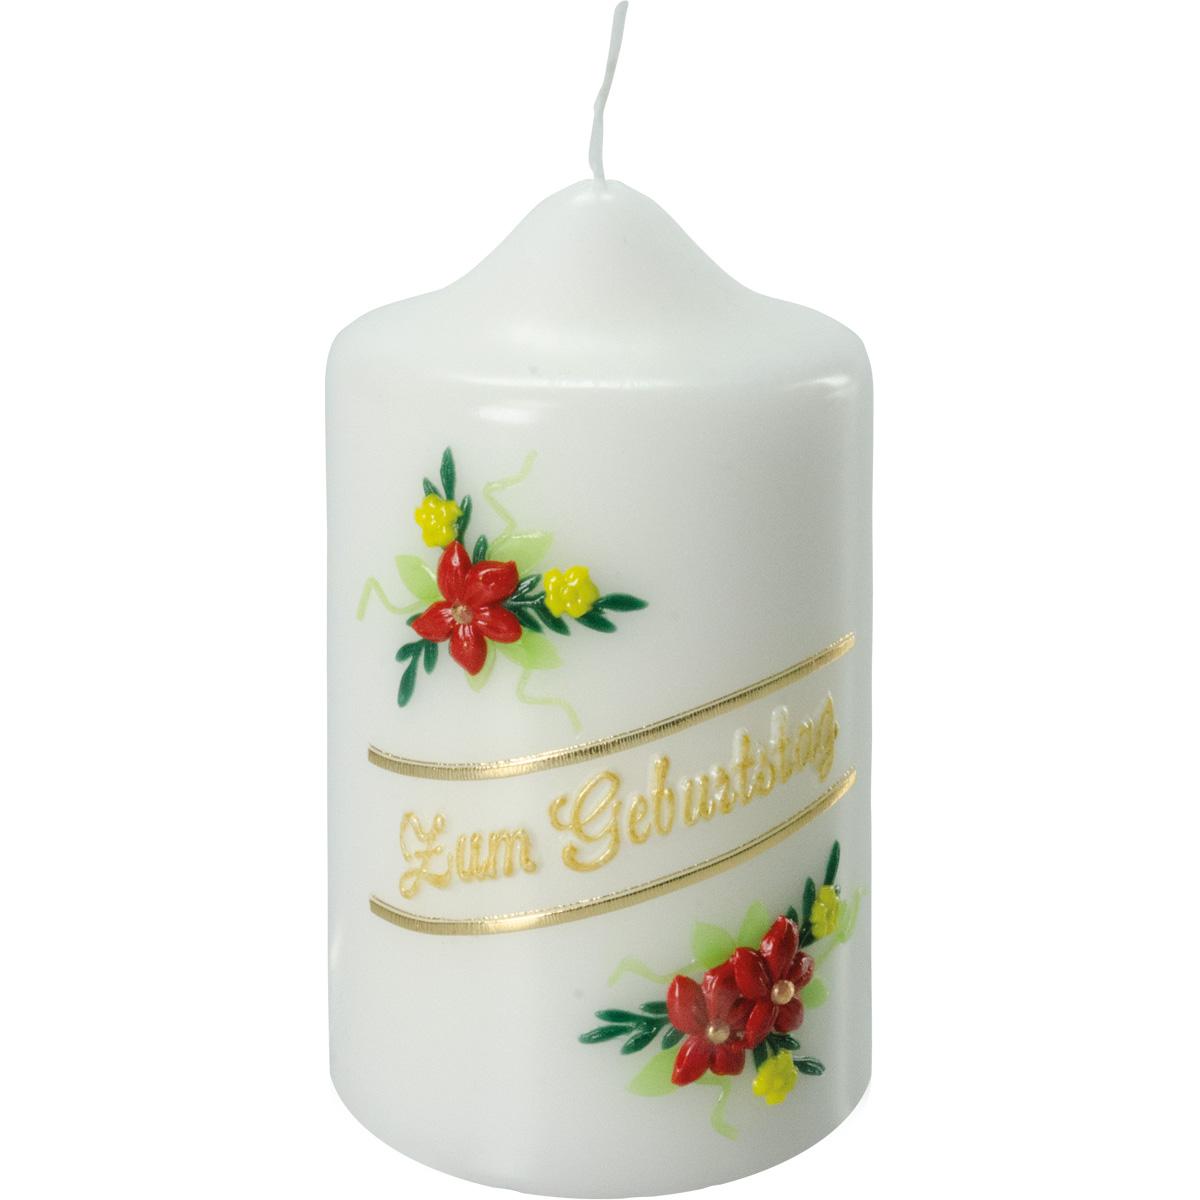 Geburtstagskerze, #1491, 125x70, Zum Geburtstag, Blume